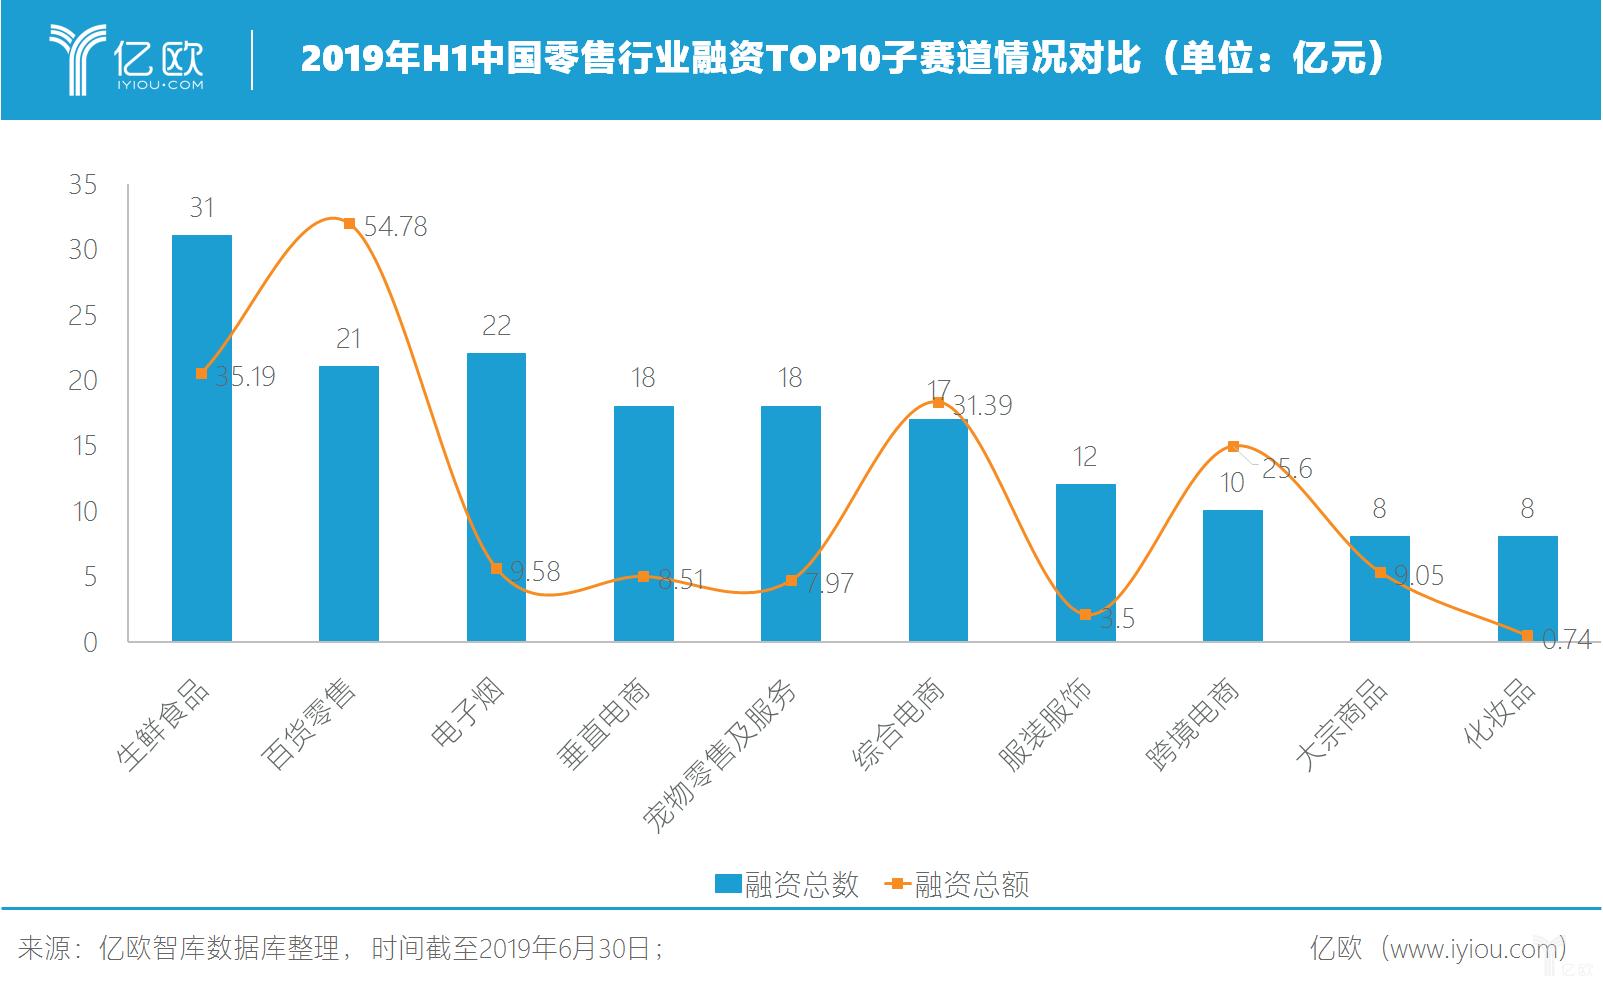 2019年H1中国零售行业融资TOP10子赛道情况对比(单位:亿元)